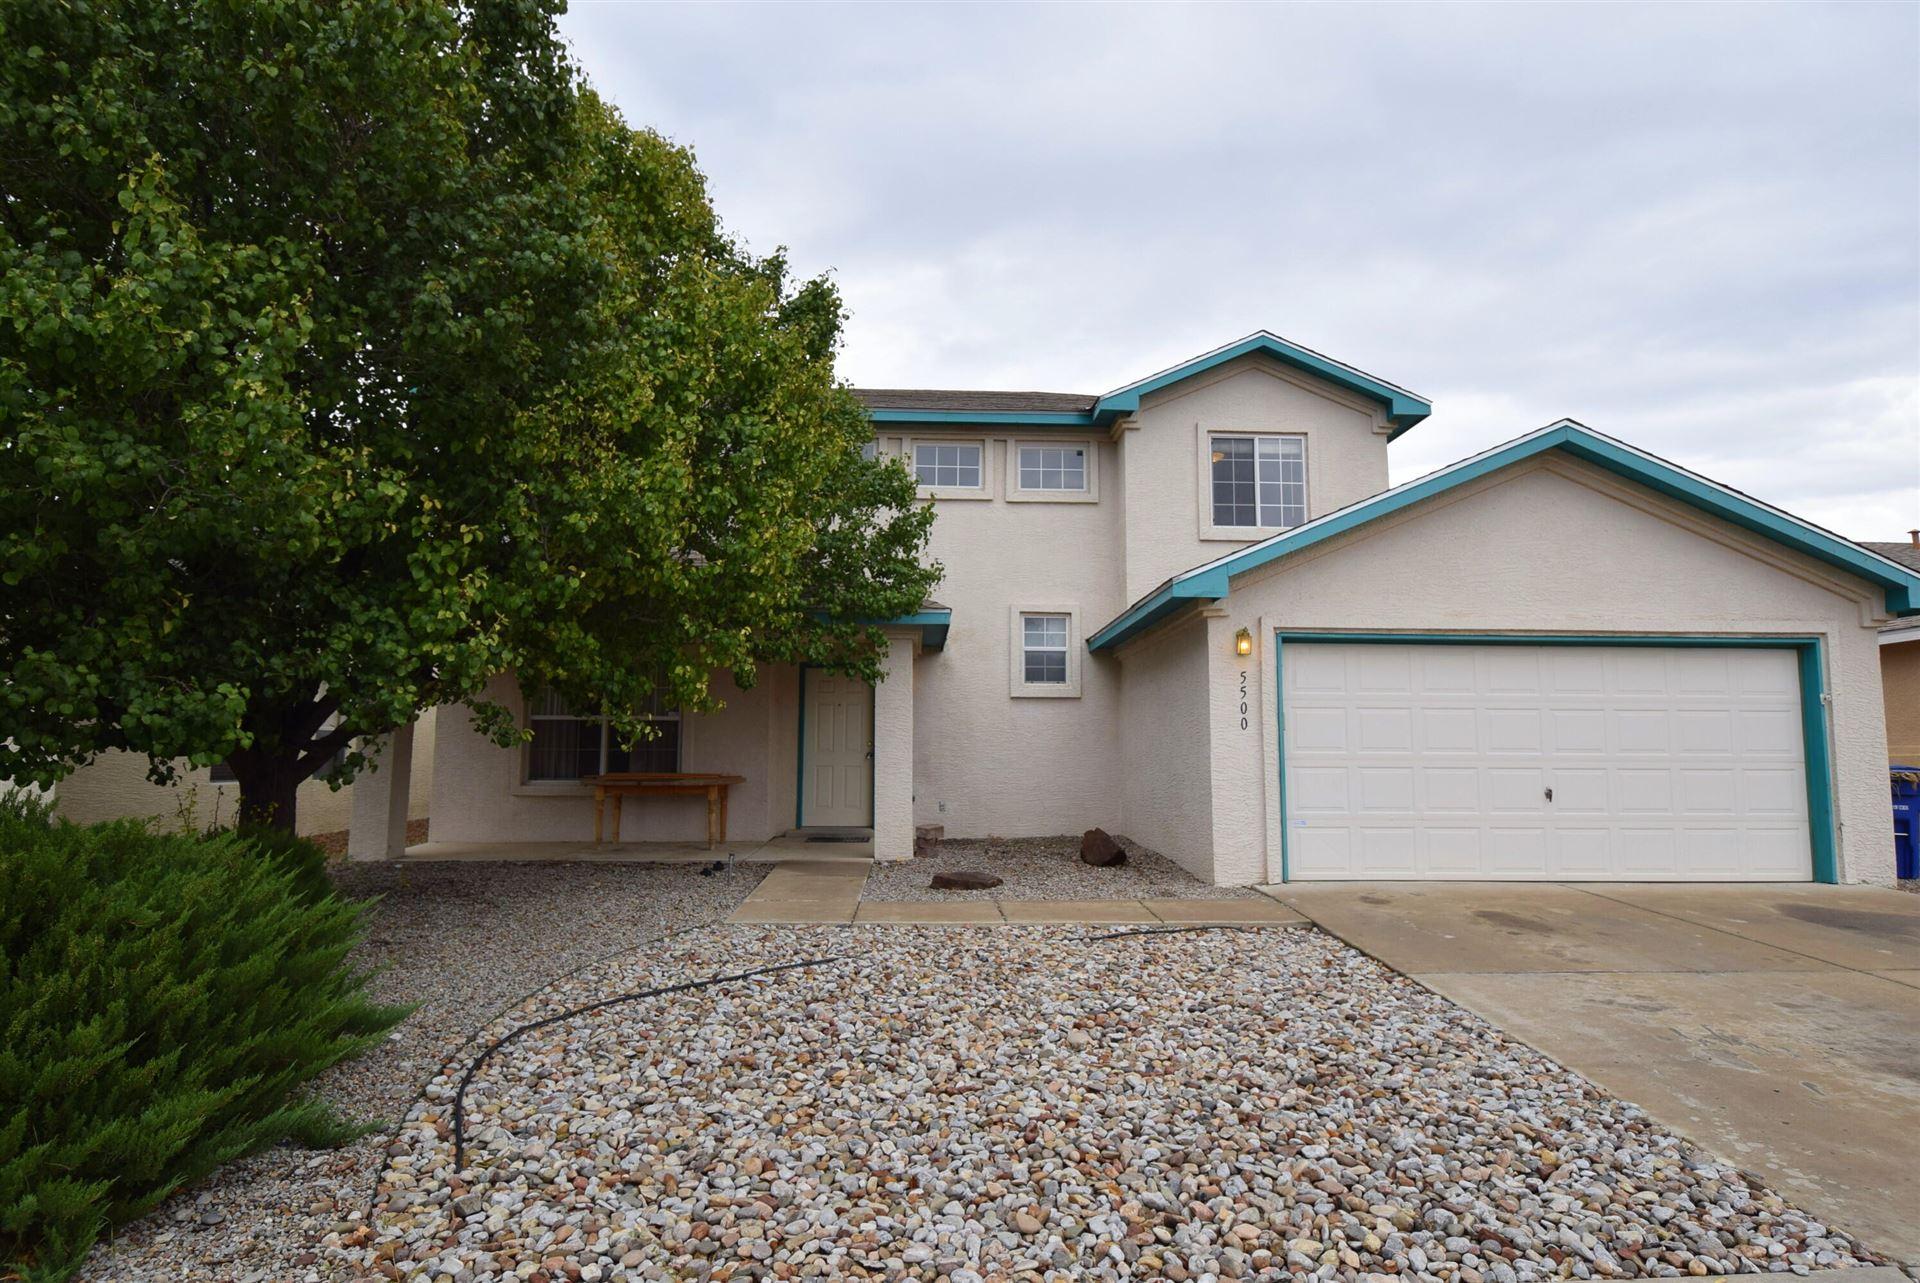 5500 SICILY Road NW, Albuquerque, NM 87114 - #: 1001969